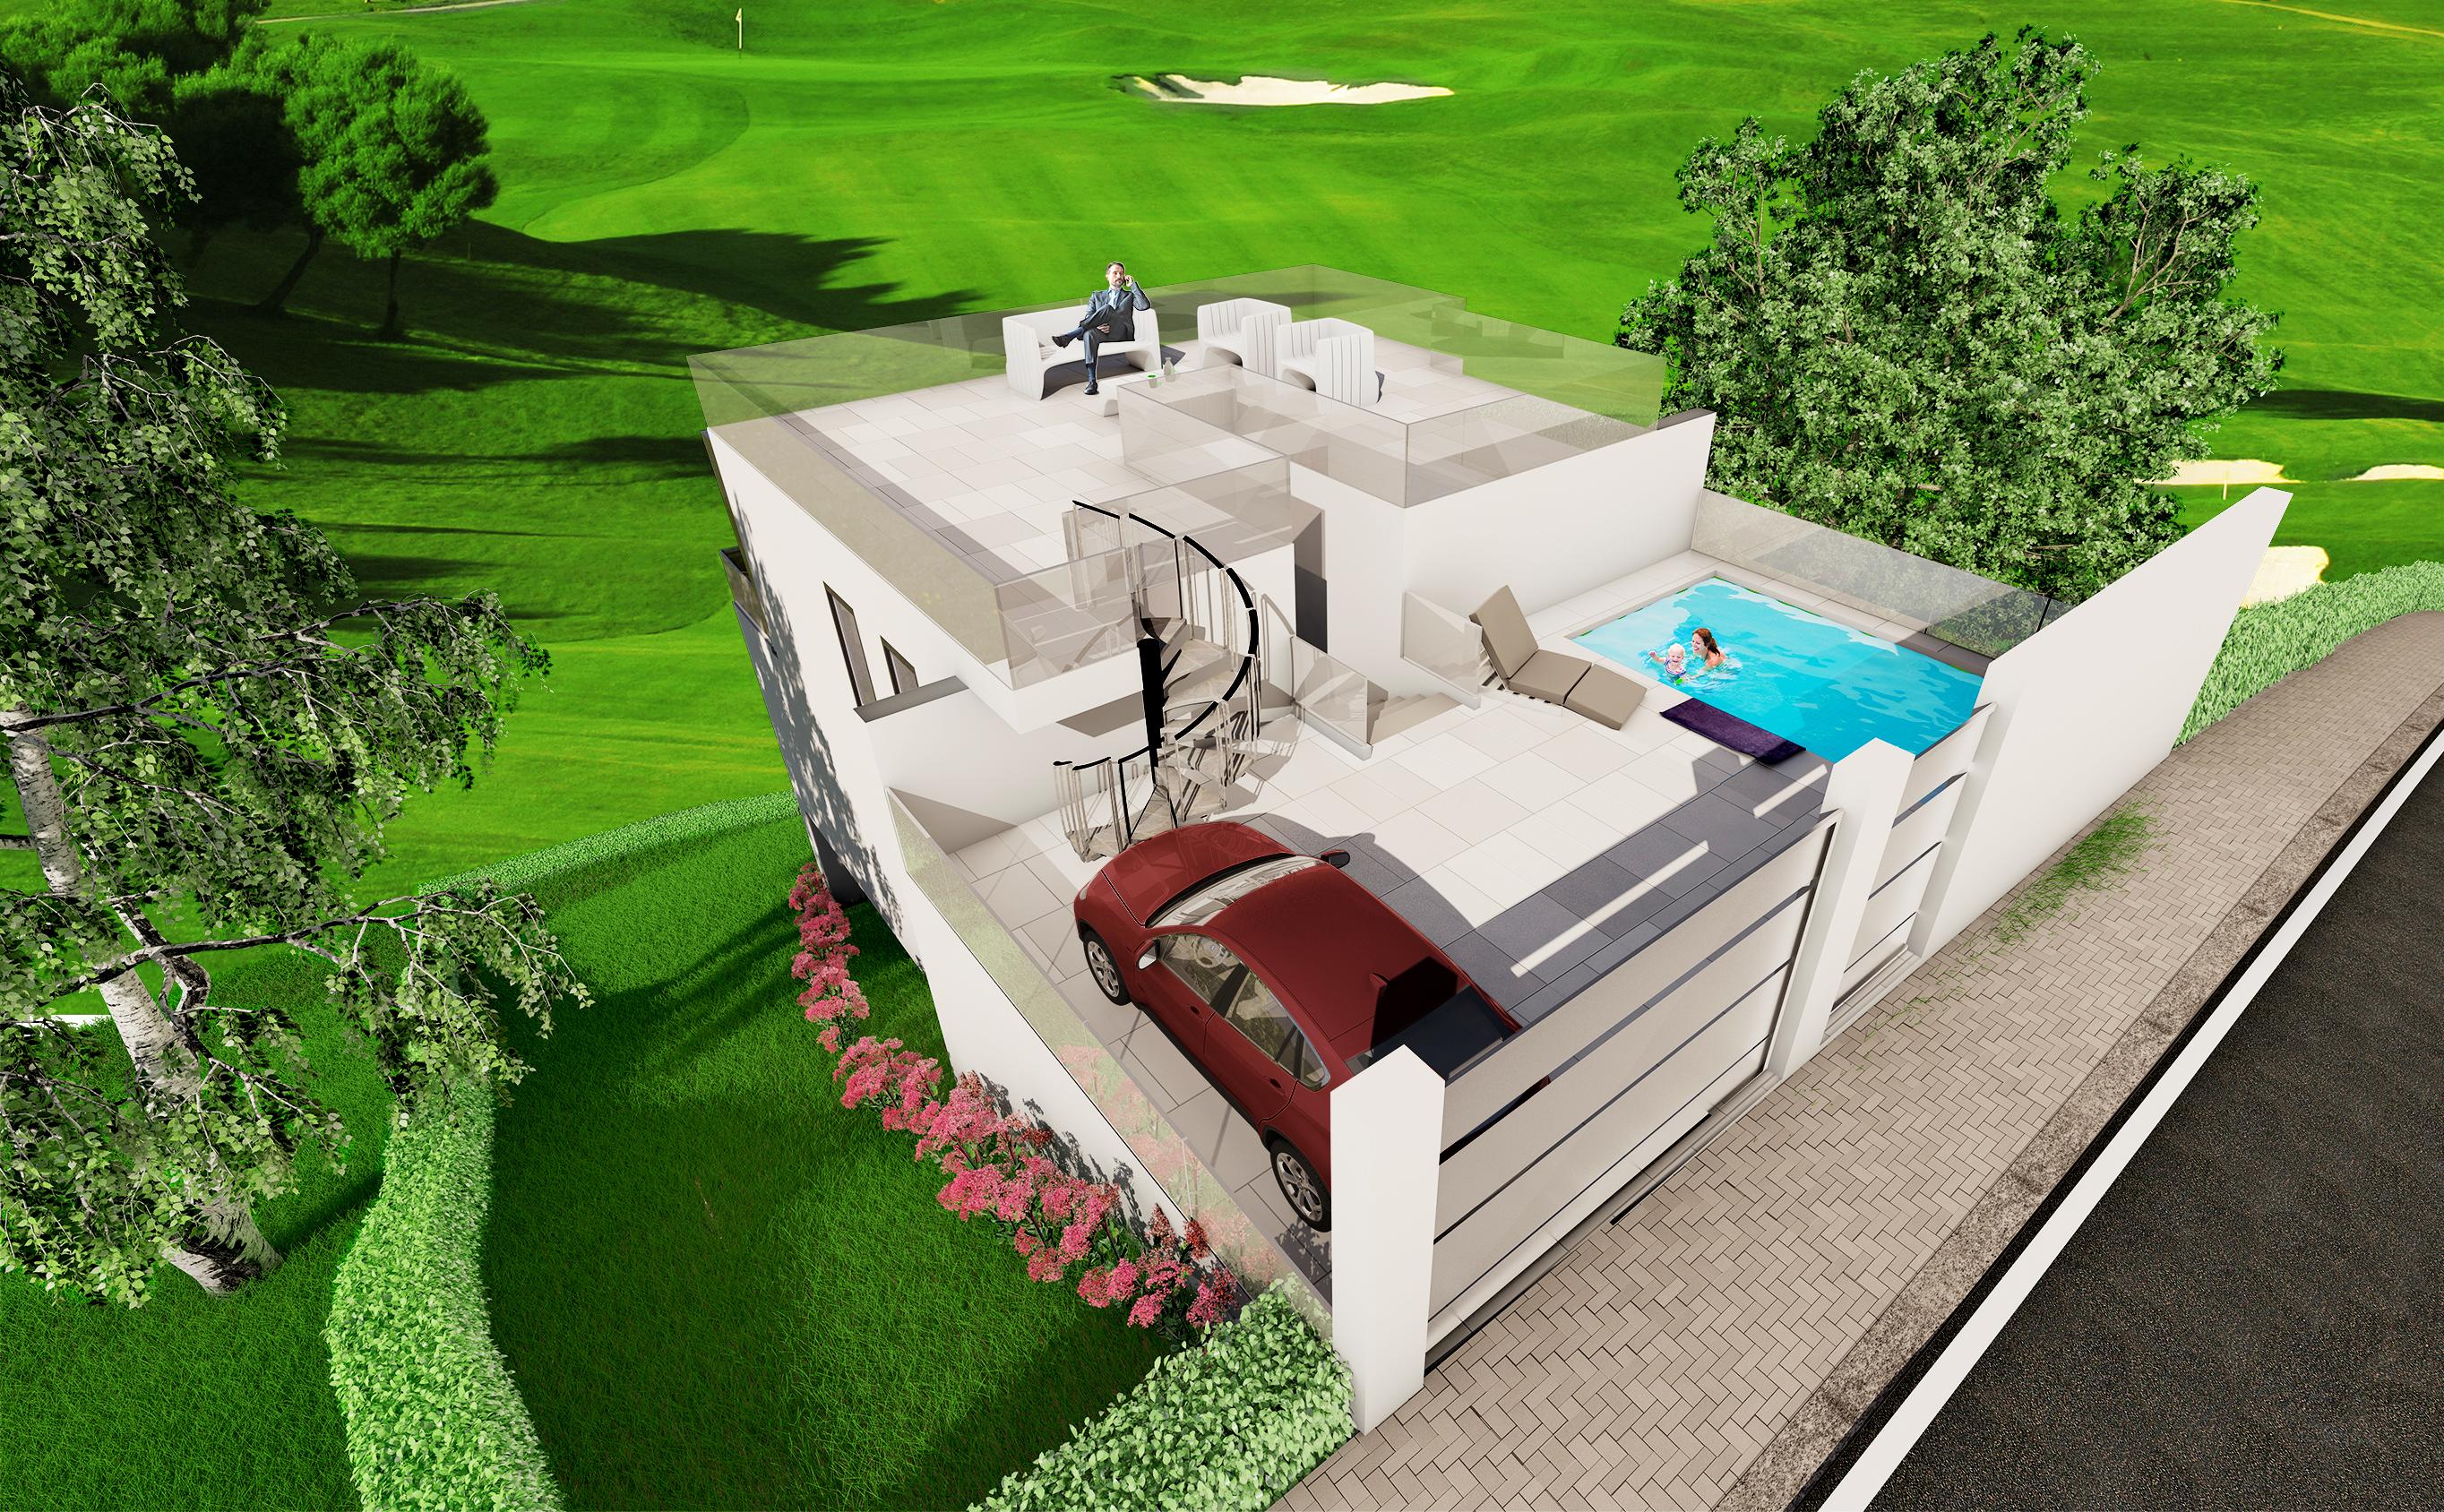 Ref:359-00132P Villa For Sale in Mijas Costa